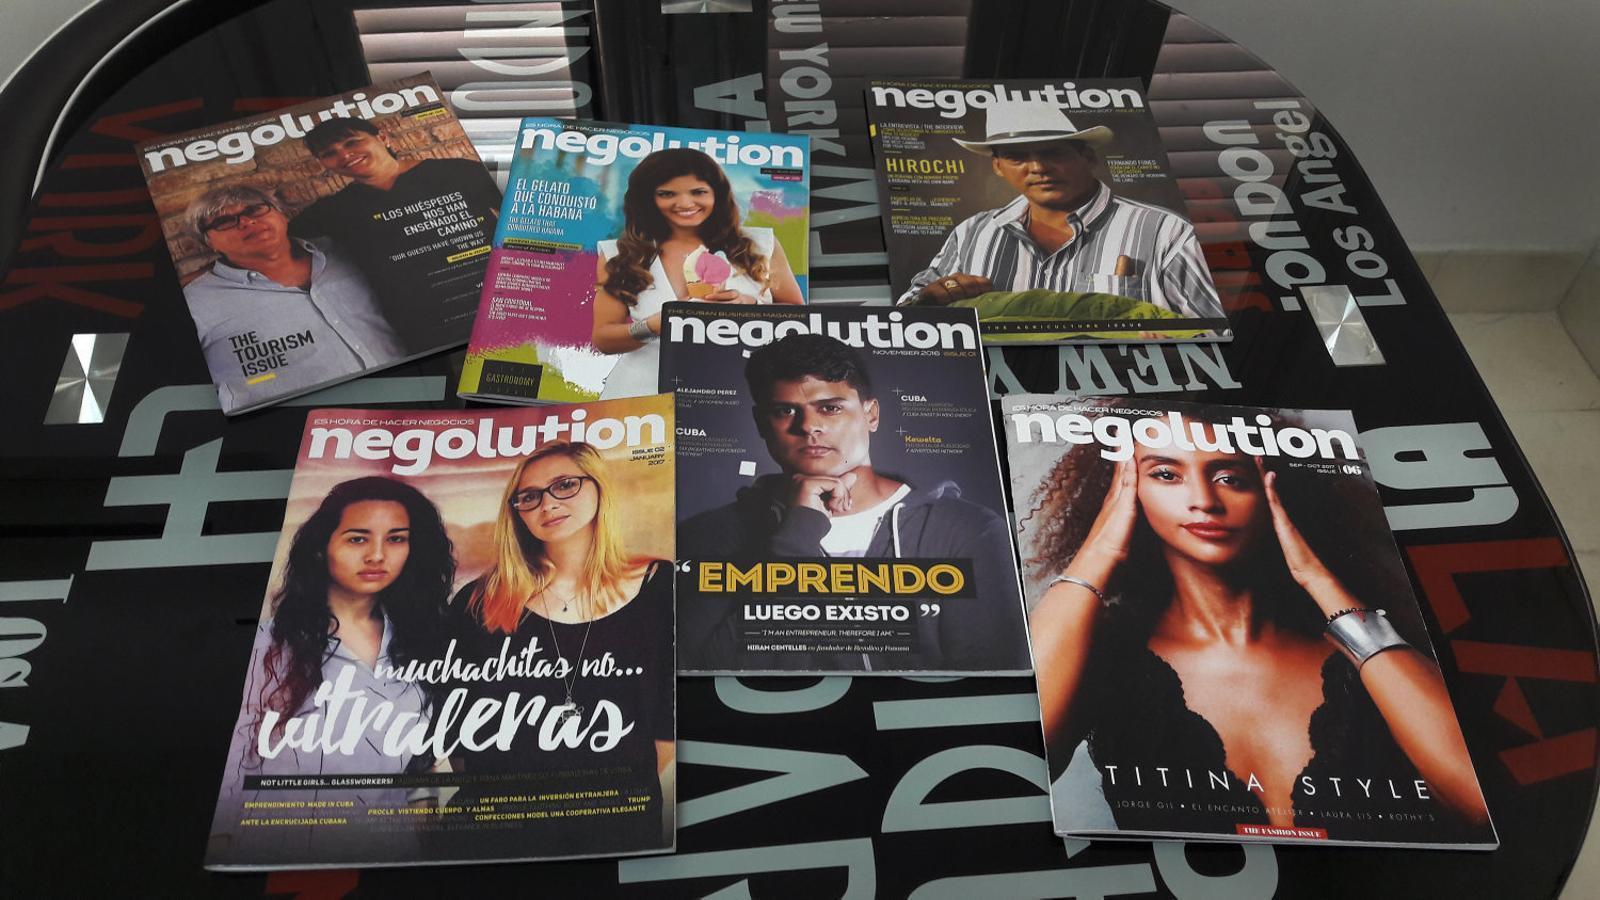 Negolutionés una de les revistes independents que han començat a esquerdar el sistema mediàtic oficial cubà.